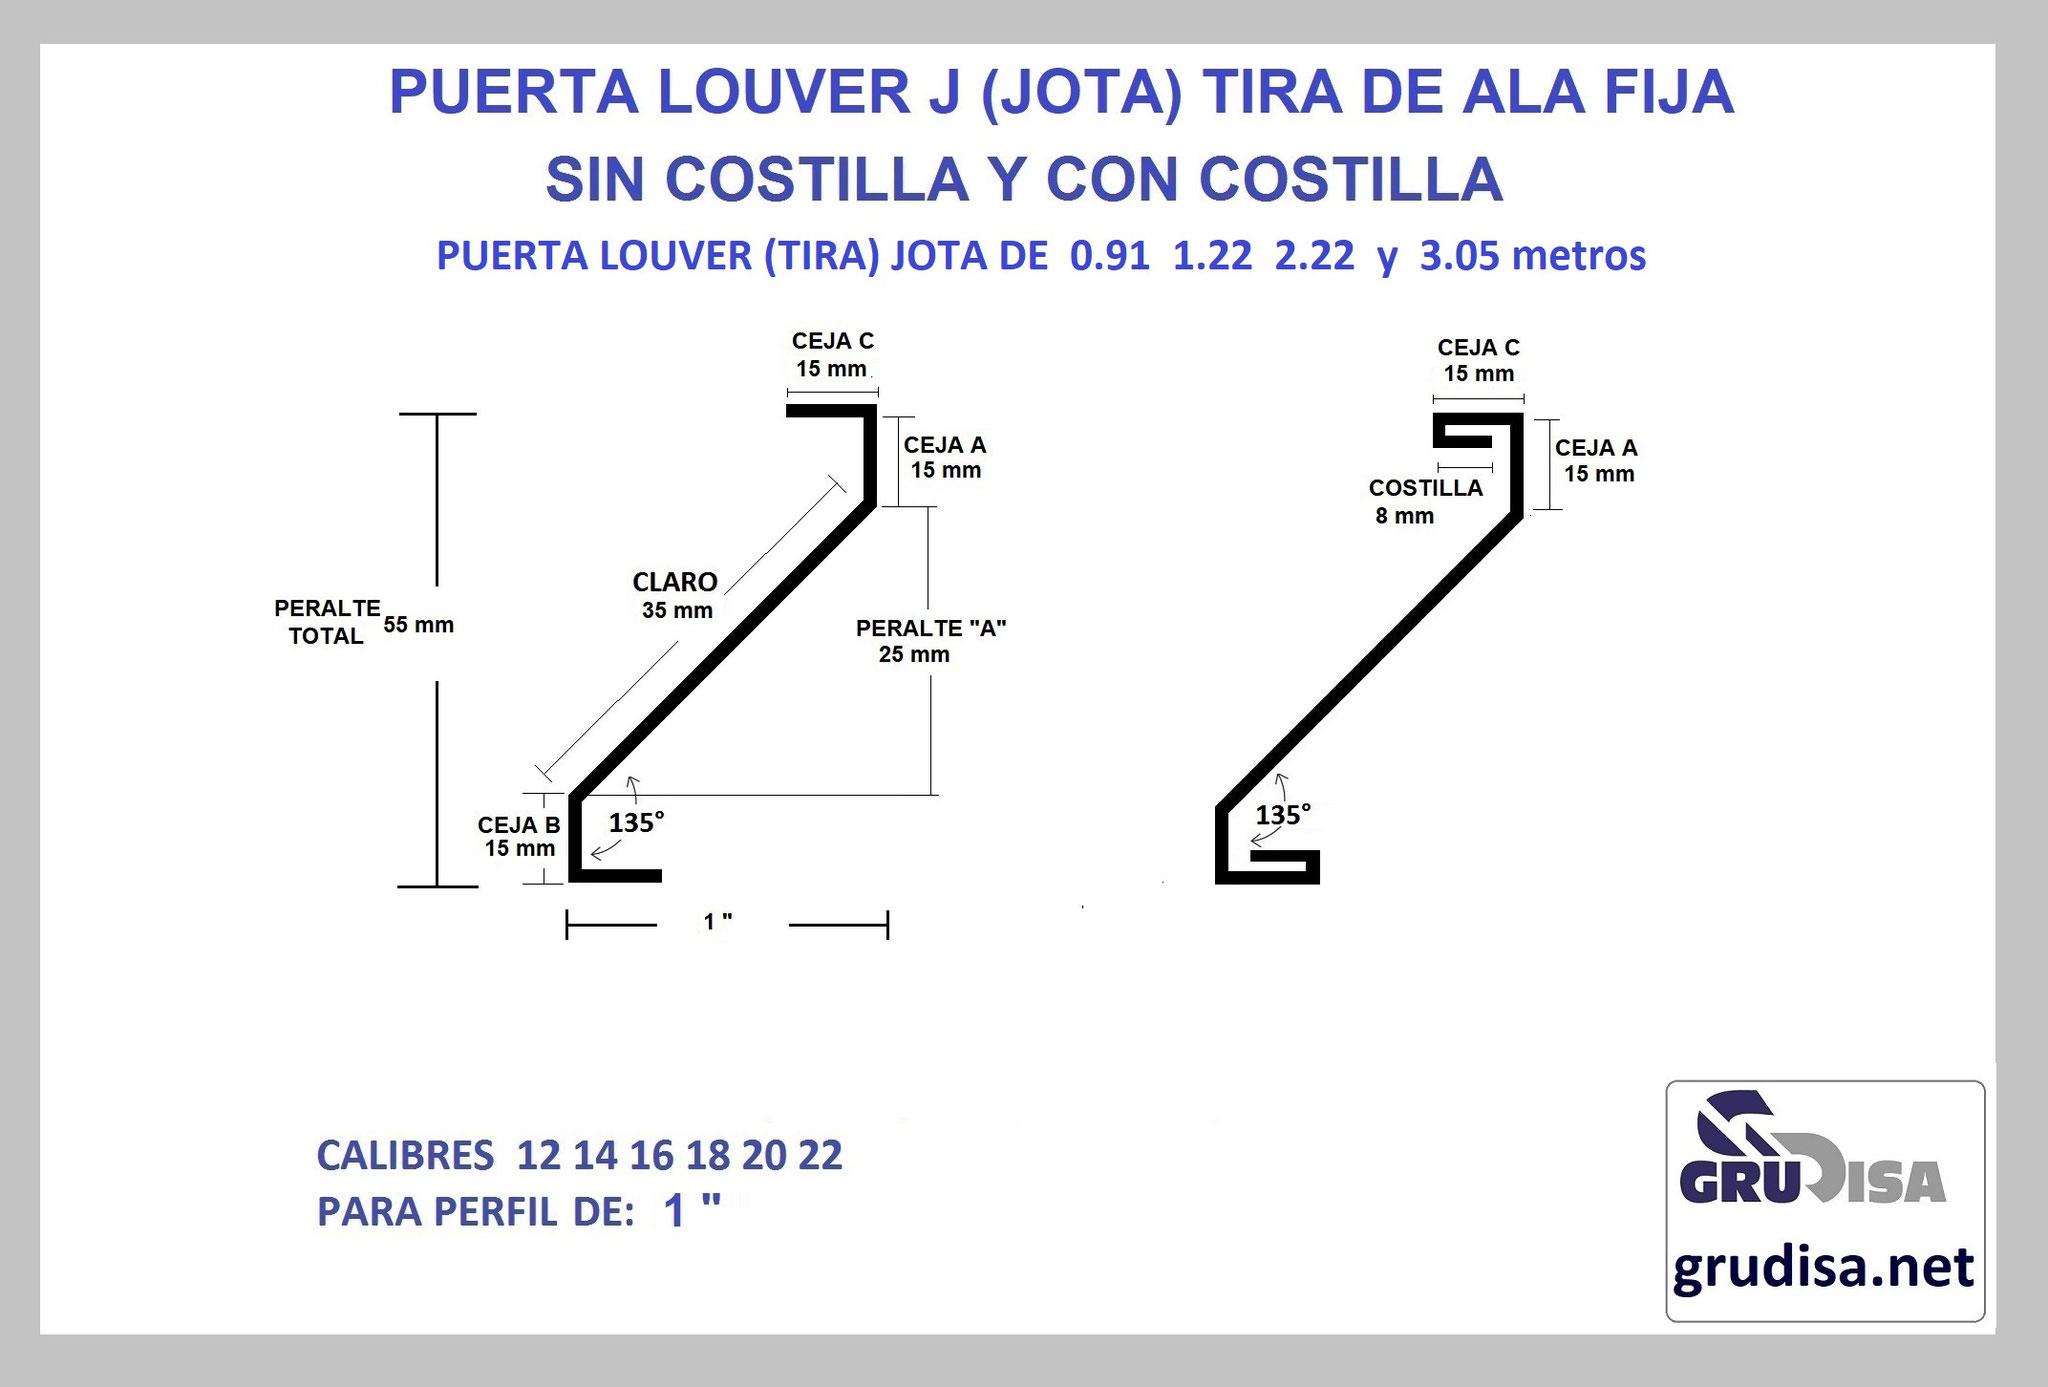 """PUERTA LOUVER (TIRA) J JOTA PARA PERFIL DE 1"""" CON Y SIN COSTILLA LARGOS DE 0.91  1.22  2.44  y 3.05m"""